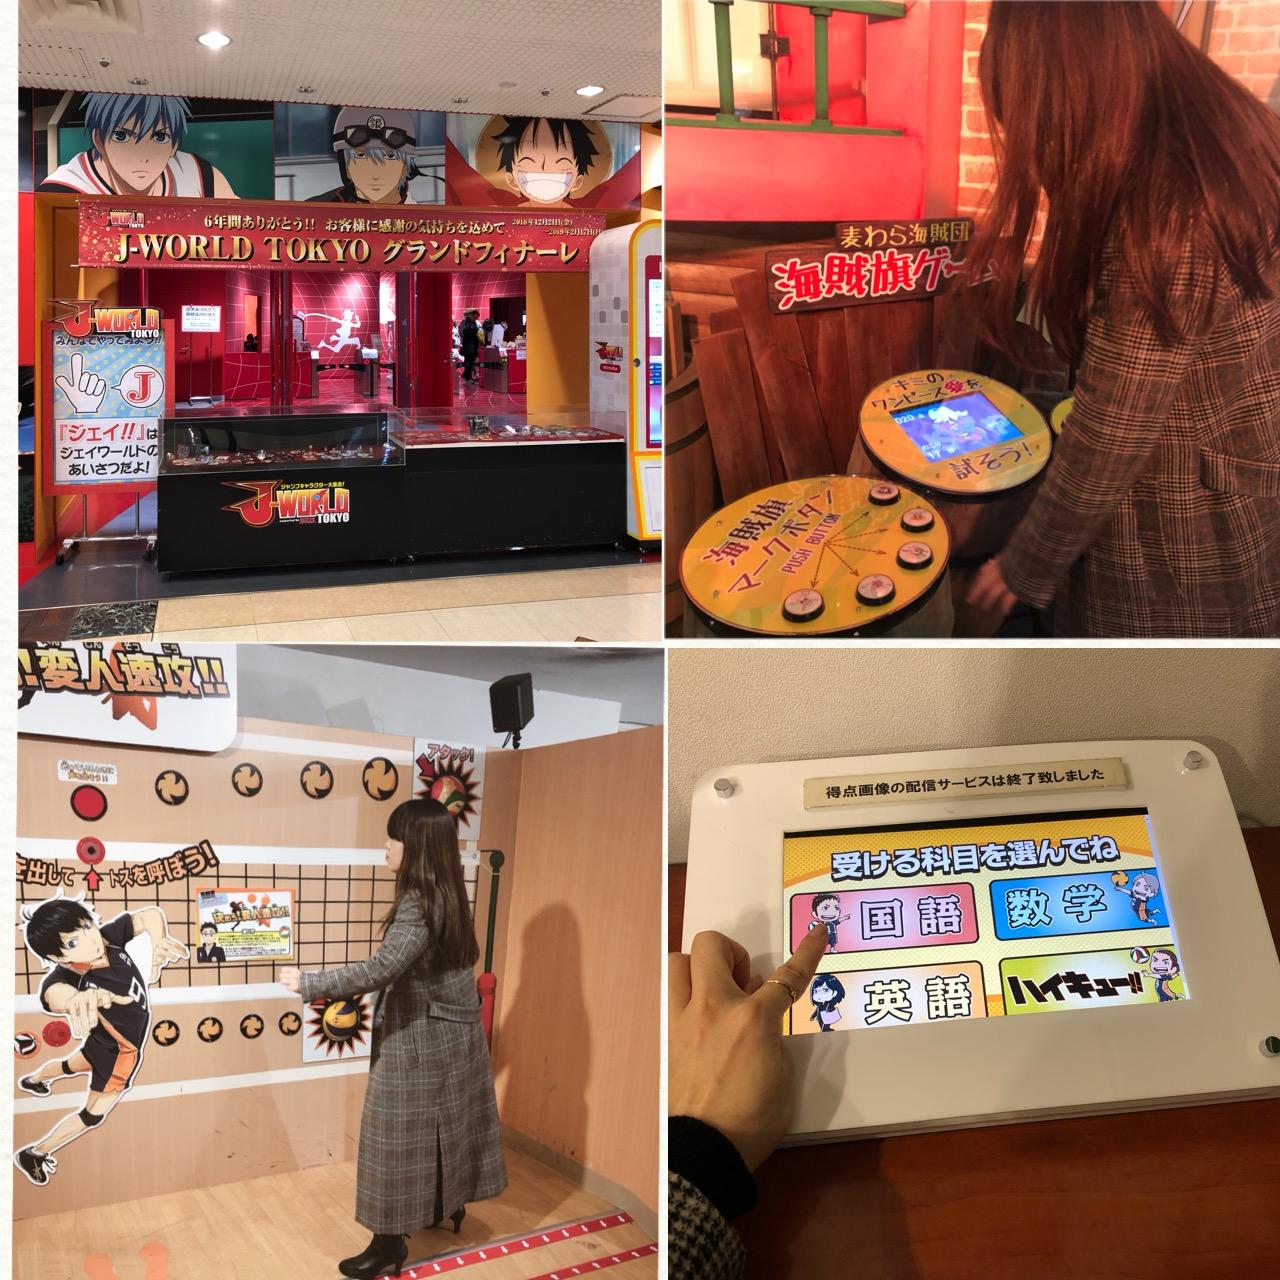 <2/17まで!>ついにグランドフィナーレ!J-WORLD TOKYOへ行ってきました♡_2